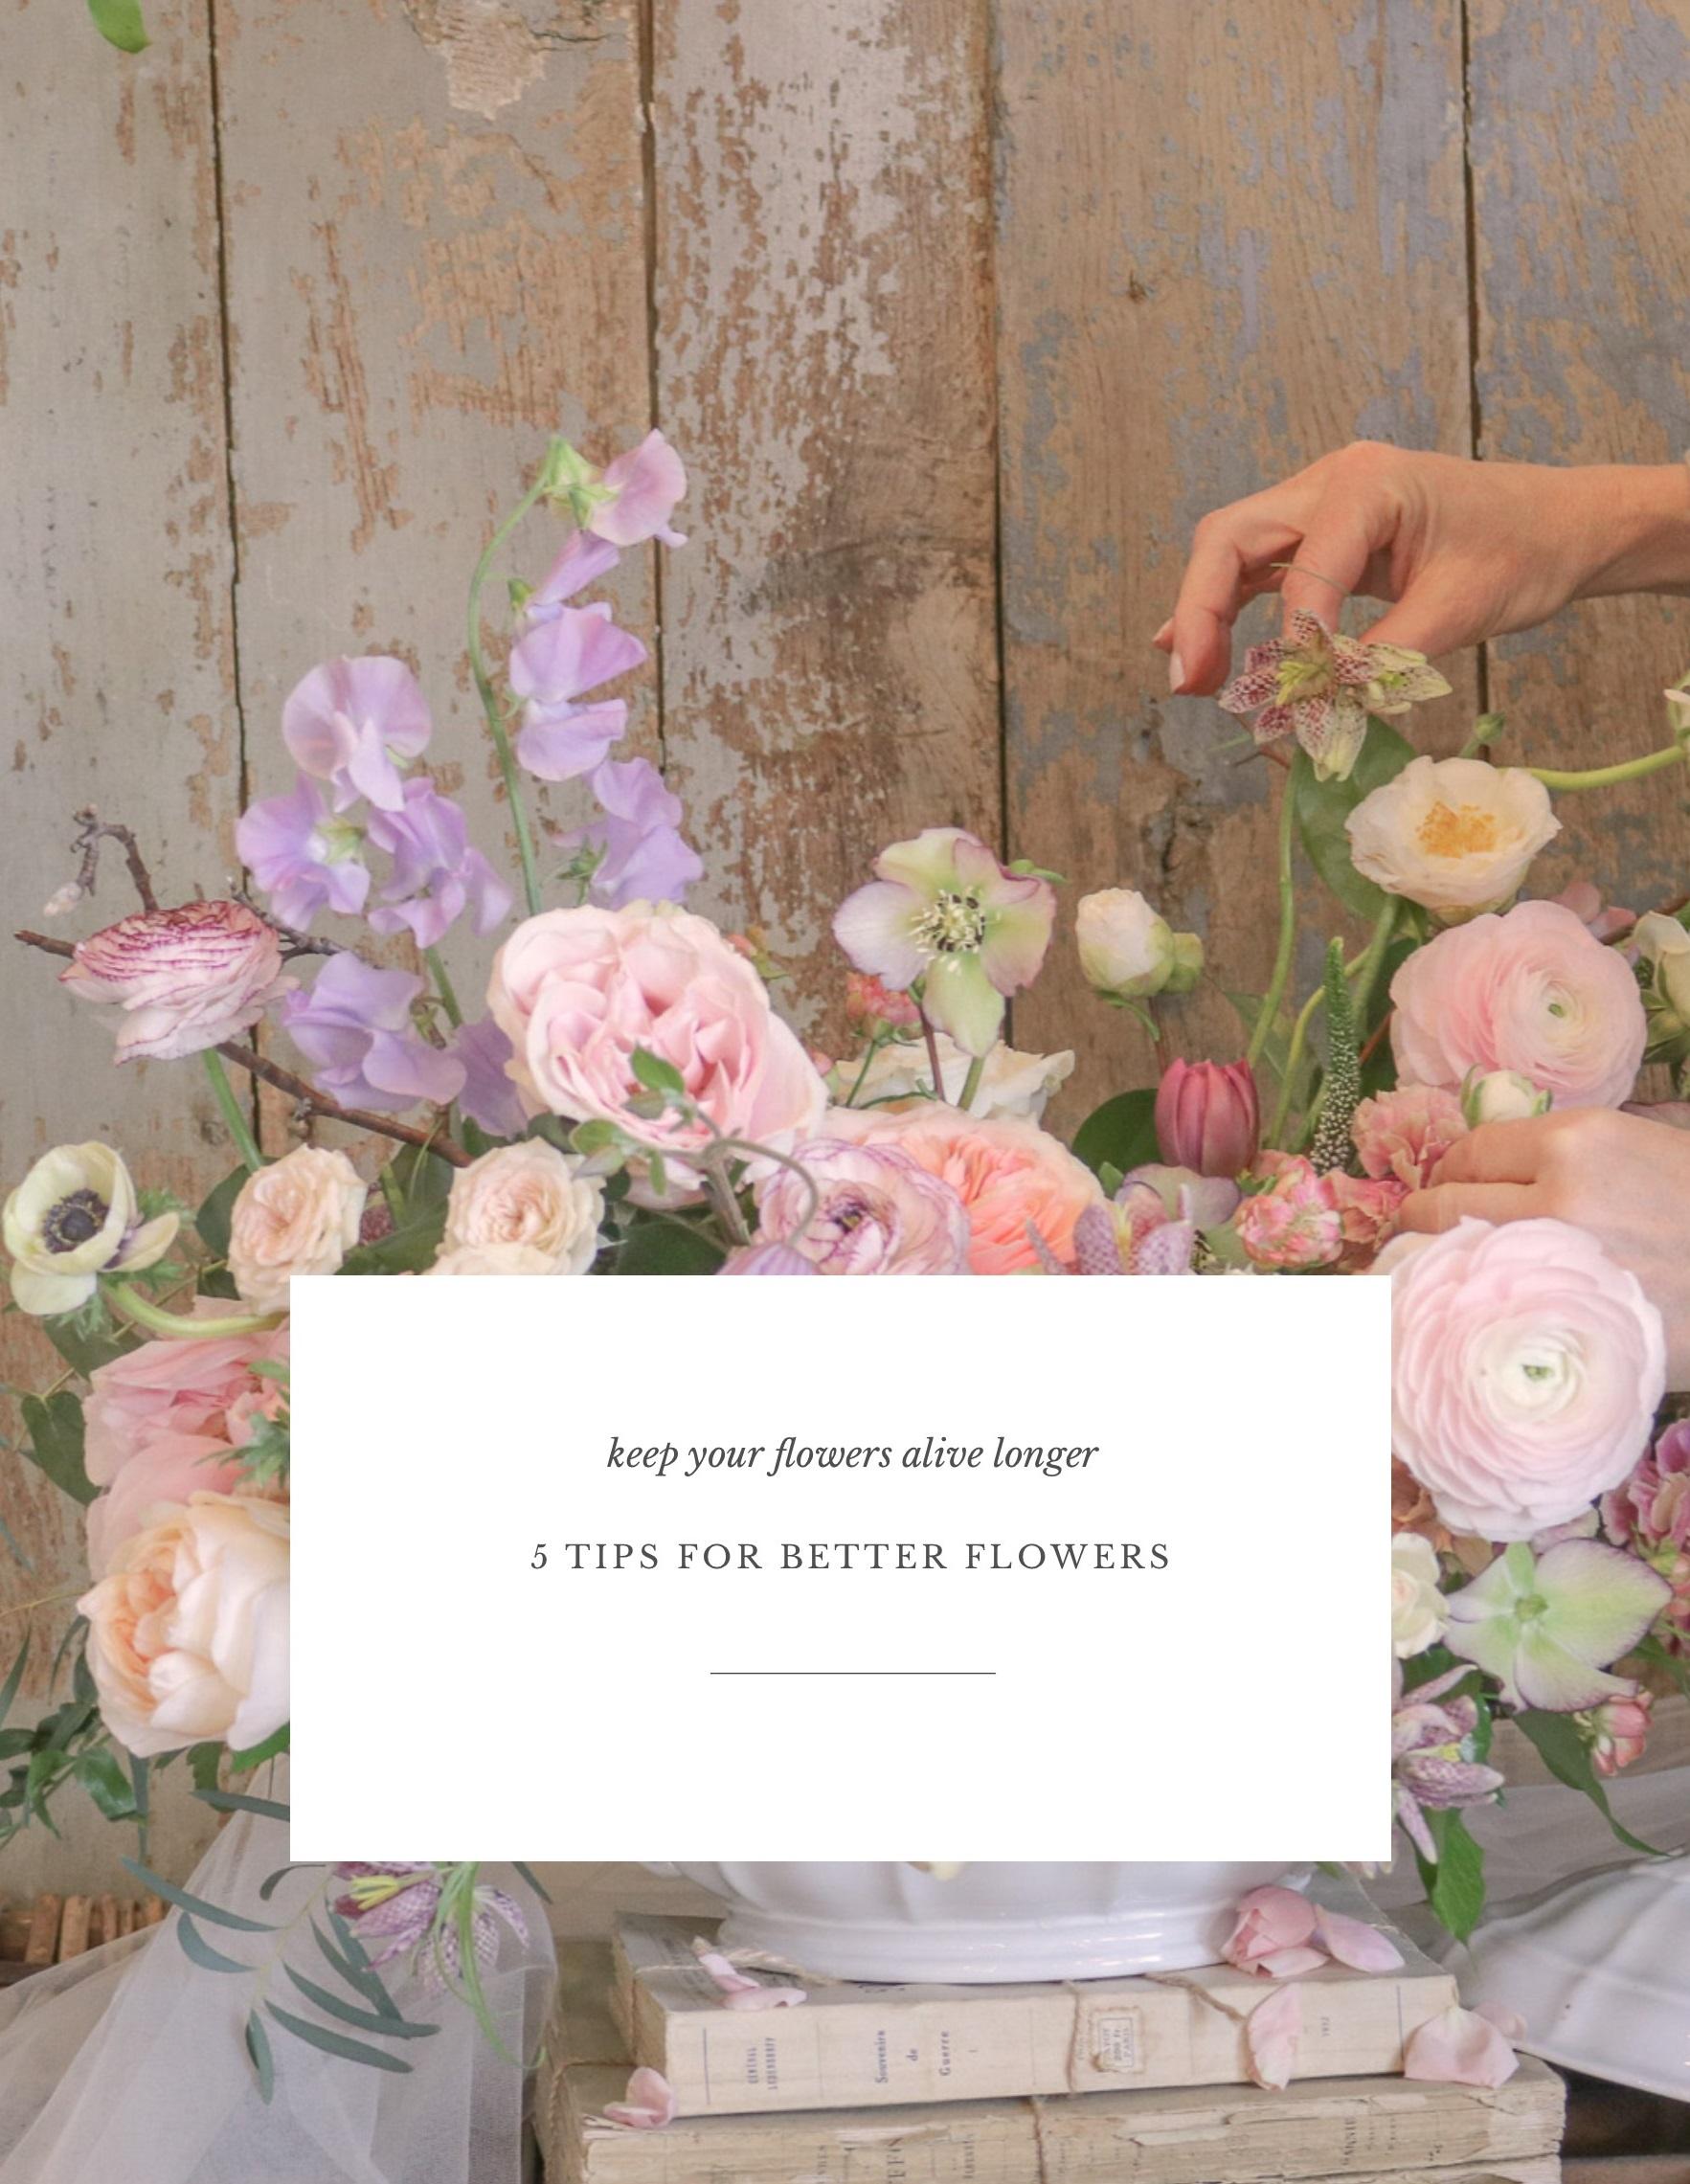 flower care 1.jpg